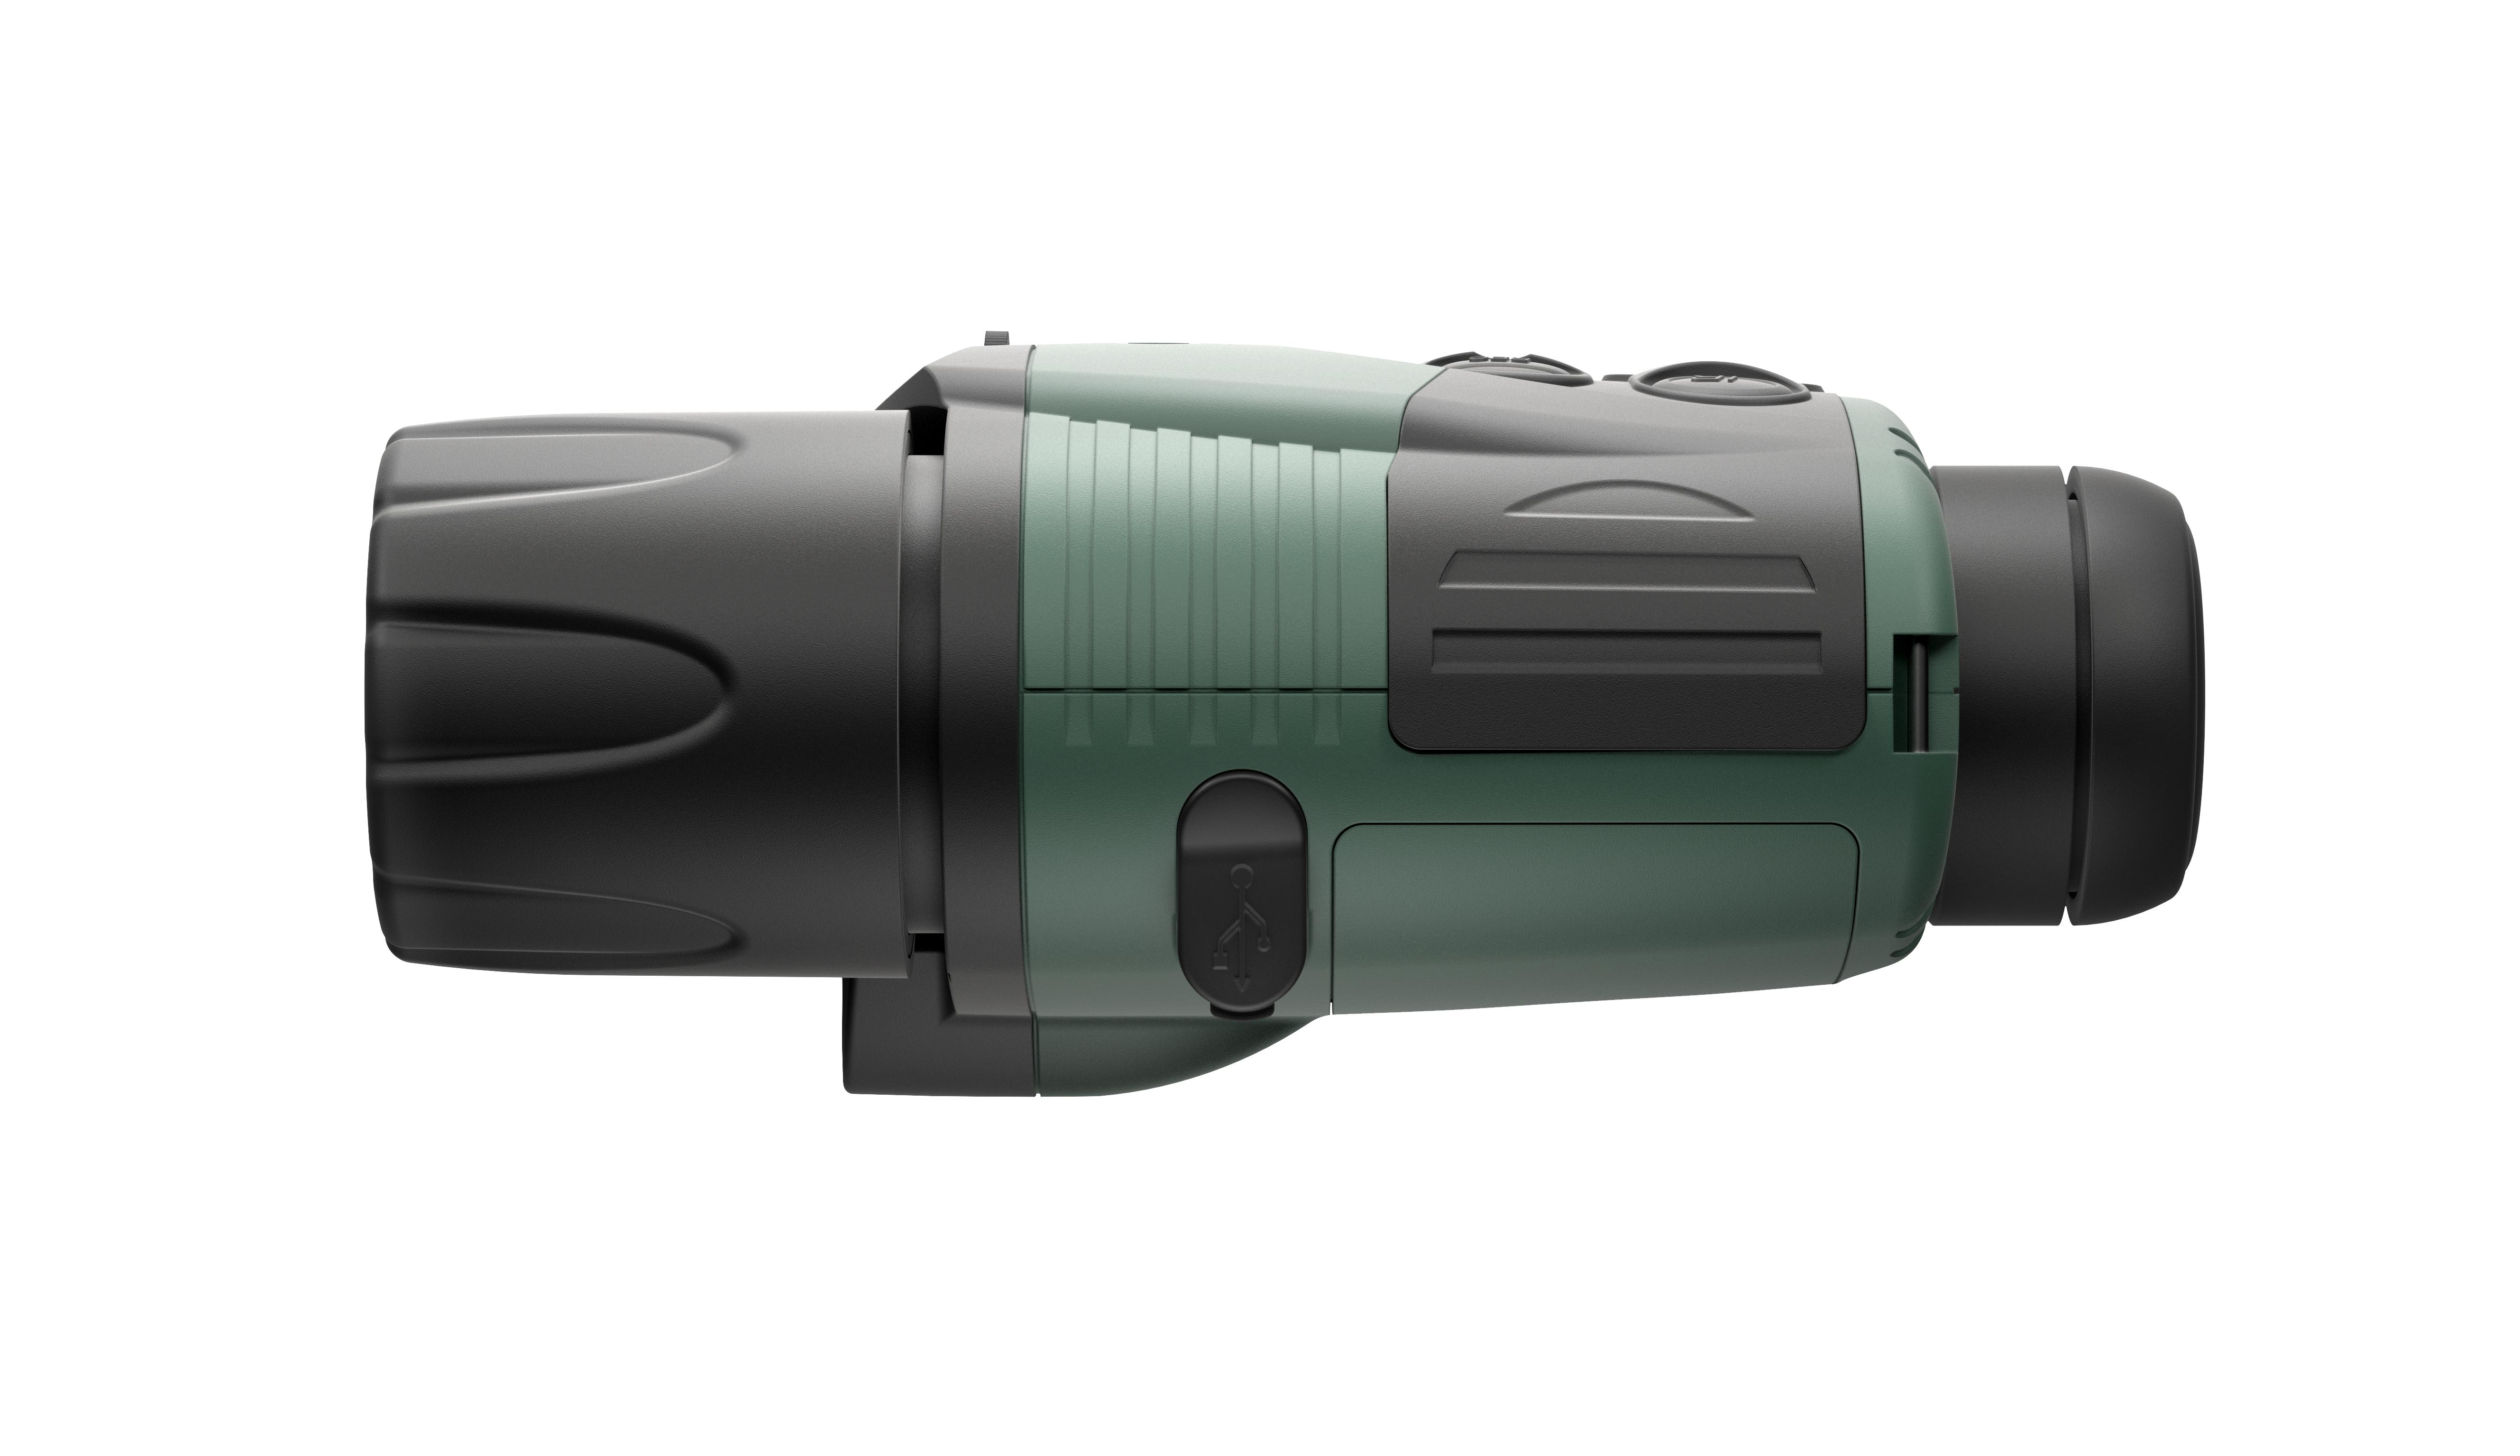 Fernglas Mit Digitalem Entfernungsmesser : Yukon ranger rt 6.5x42 s digitales nachtsichtgerät mono bresser